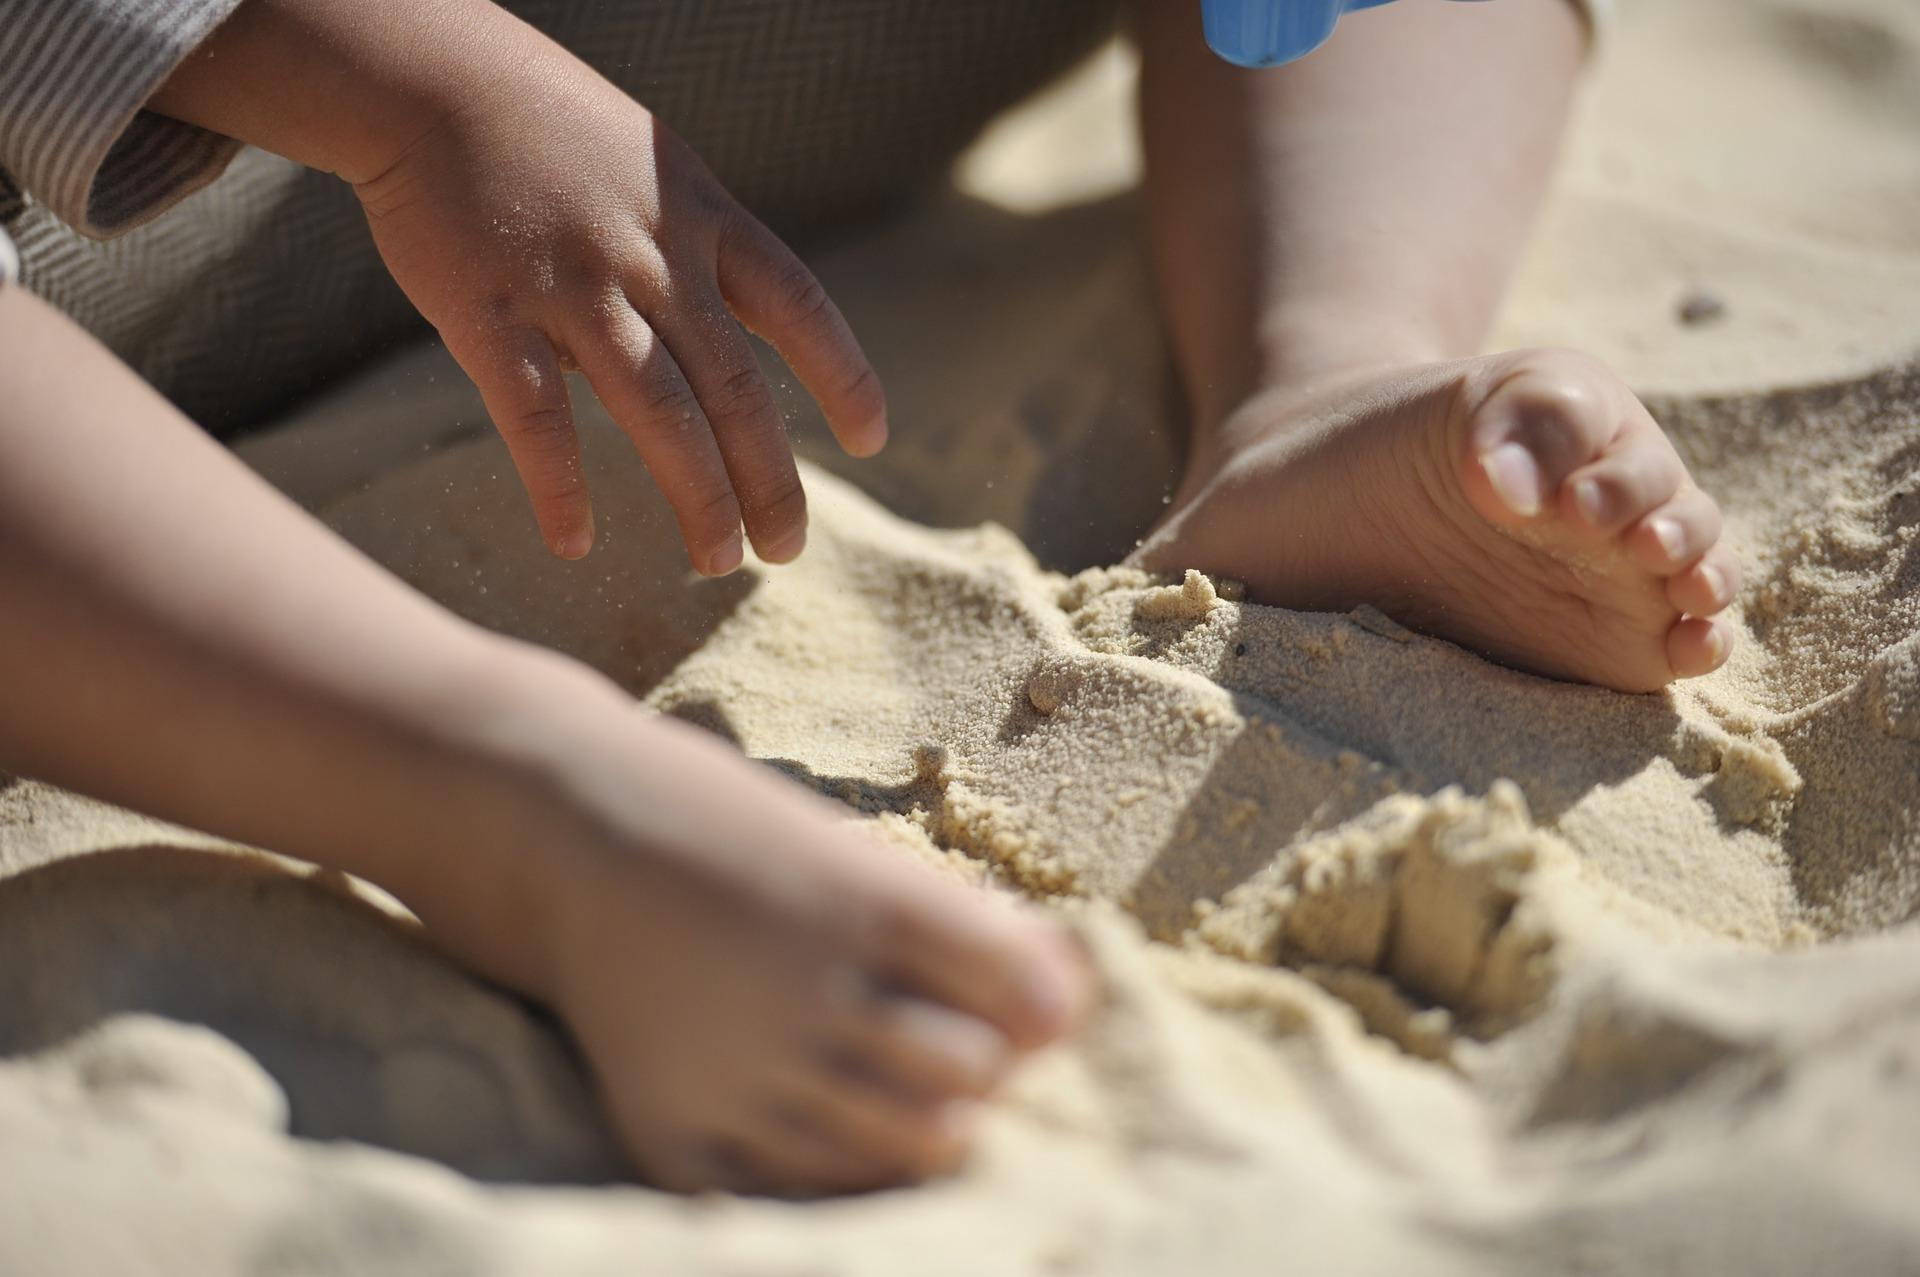 Spiagge per bambini le migliori del 2016 babygreen for Migliori cucine italiane 2016